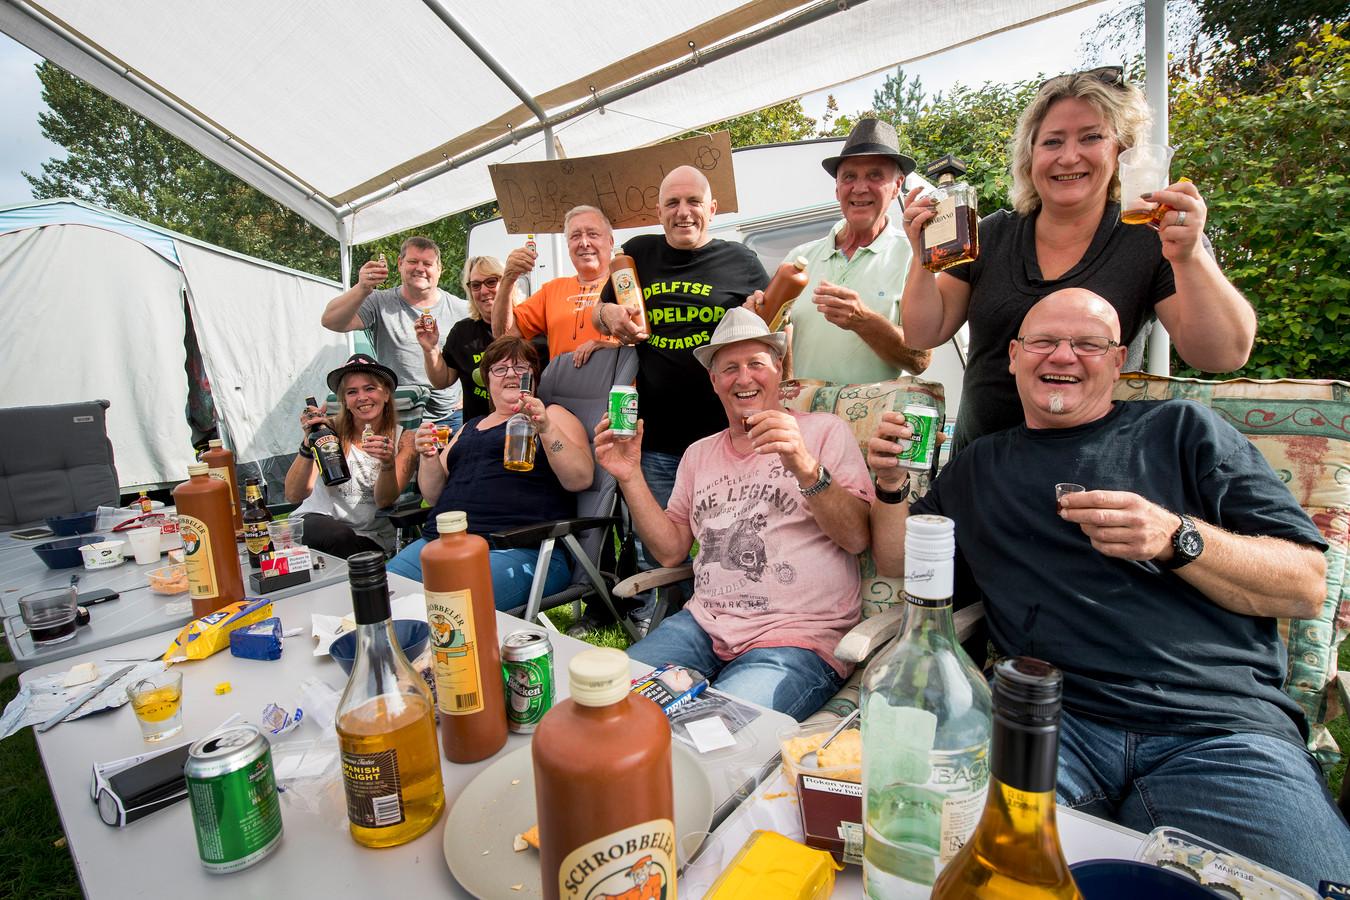 De vriendengroep uit Delft op de camping in Kapel-Avezaath.